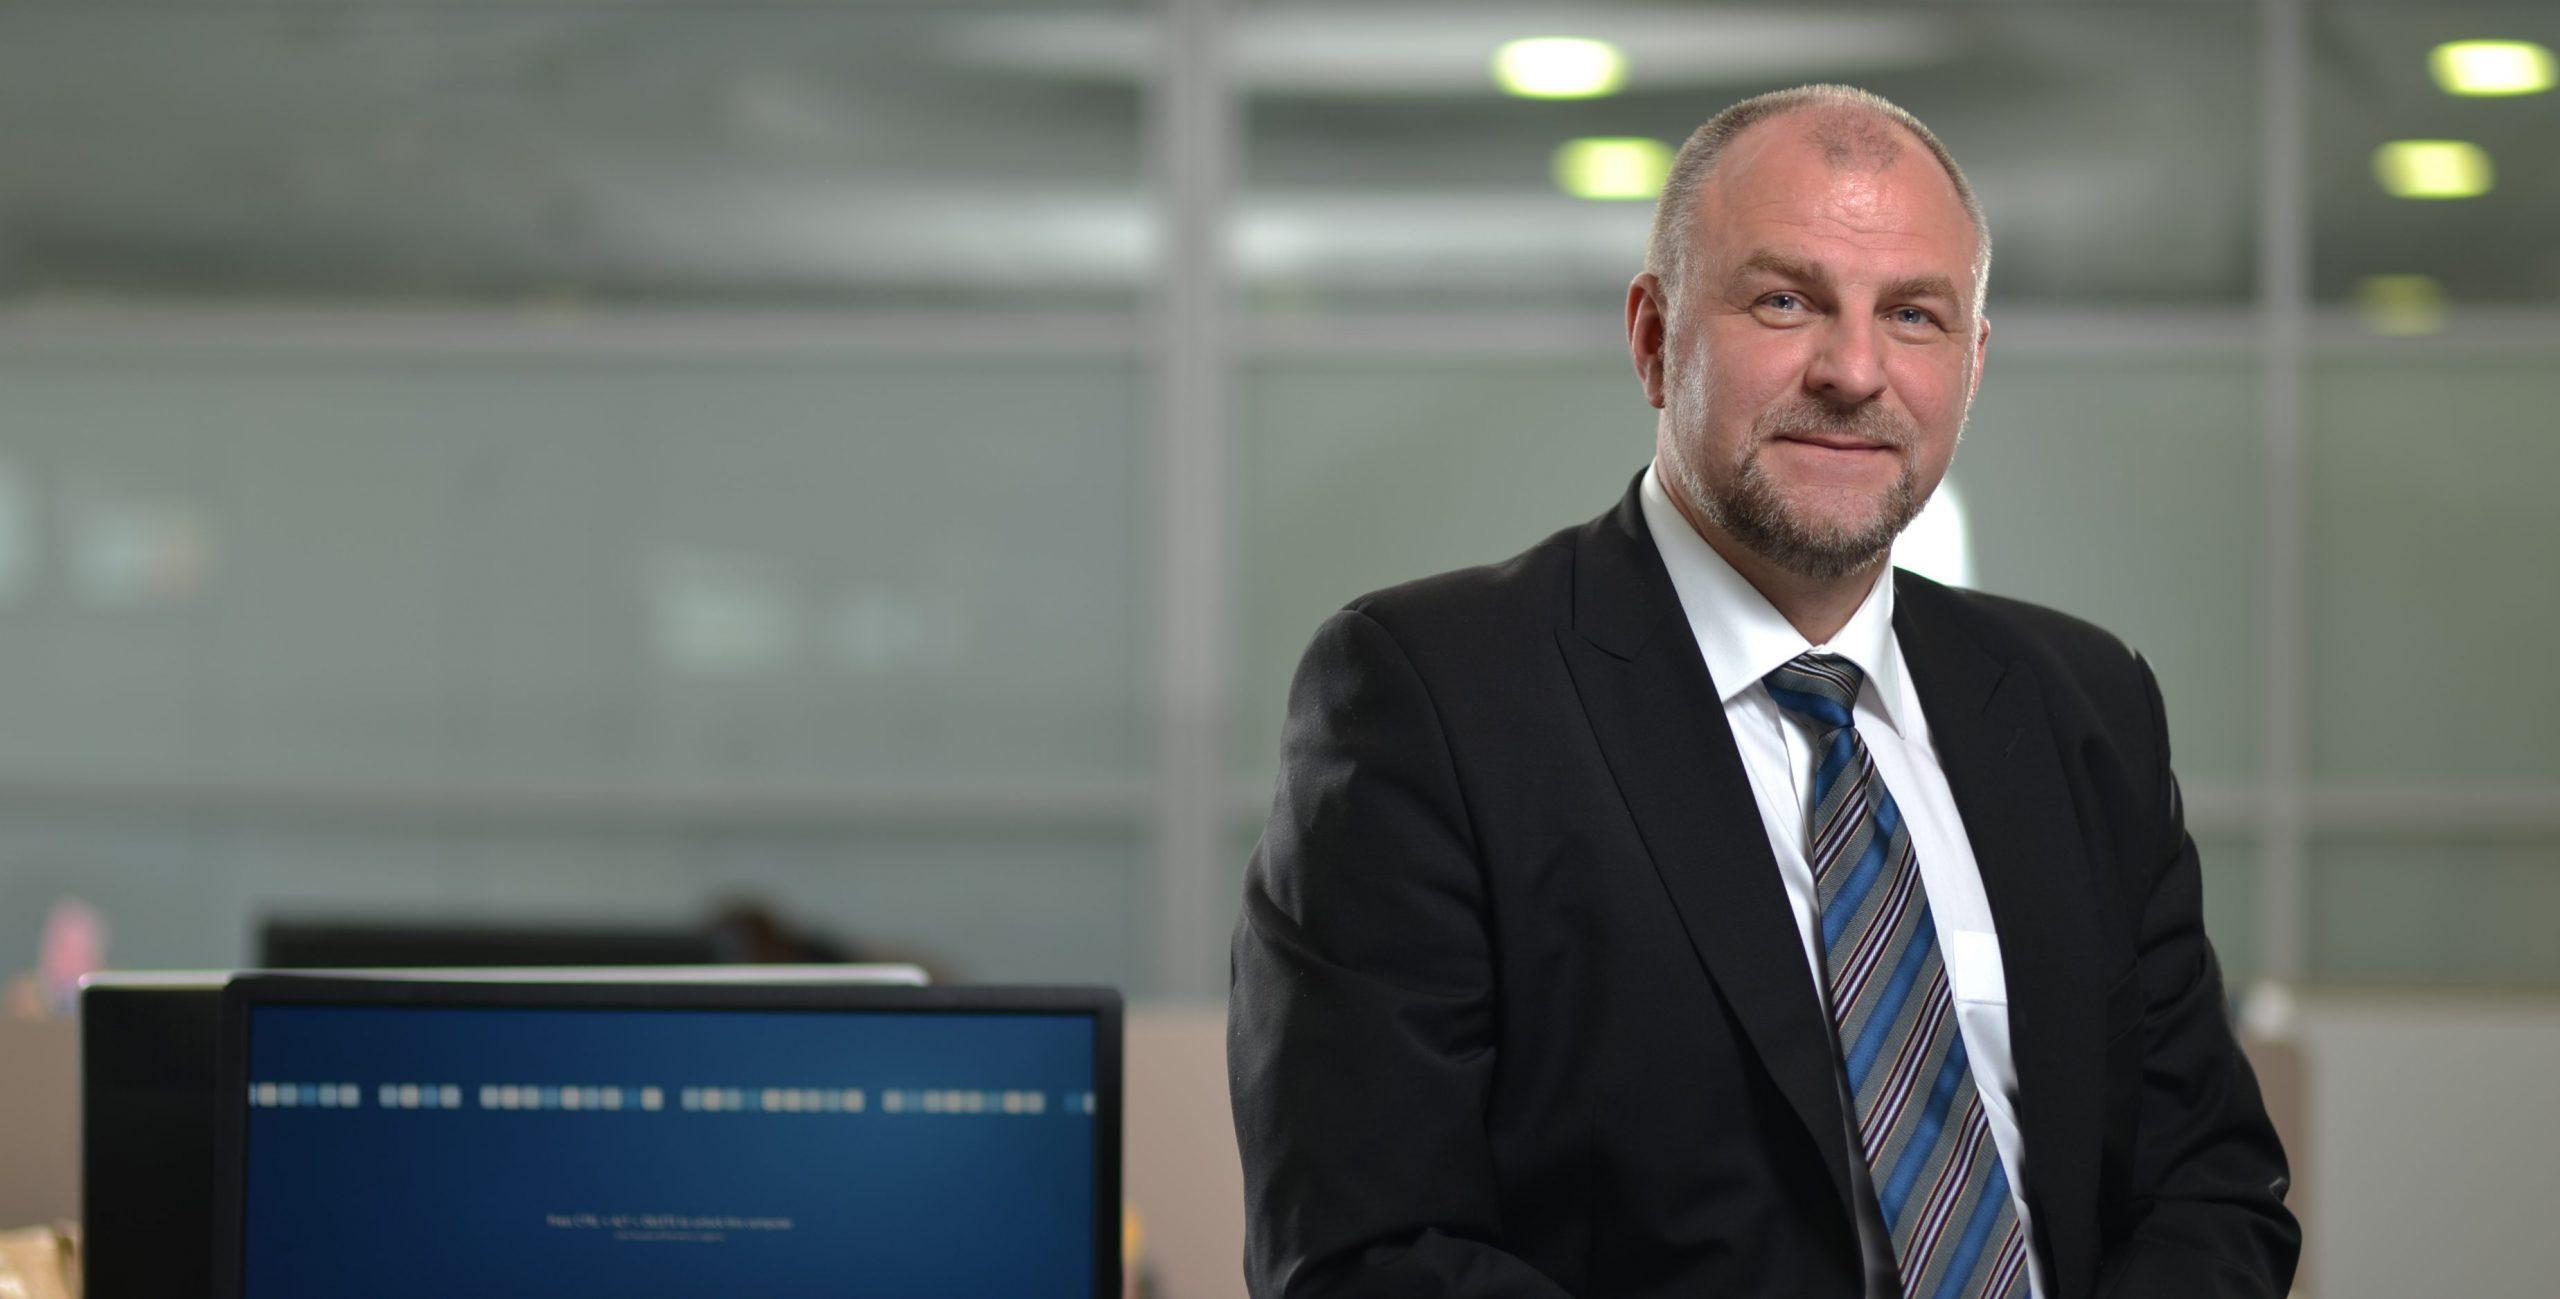 ОПРОС РЕБРОМ: Николай Осейко из HR Center о том, почему для опросов сотрудников надо привлекать третью сторону